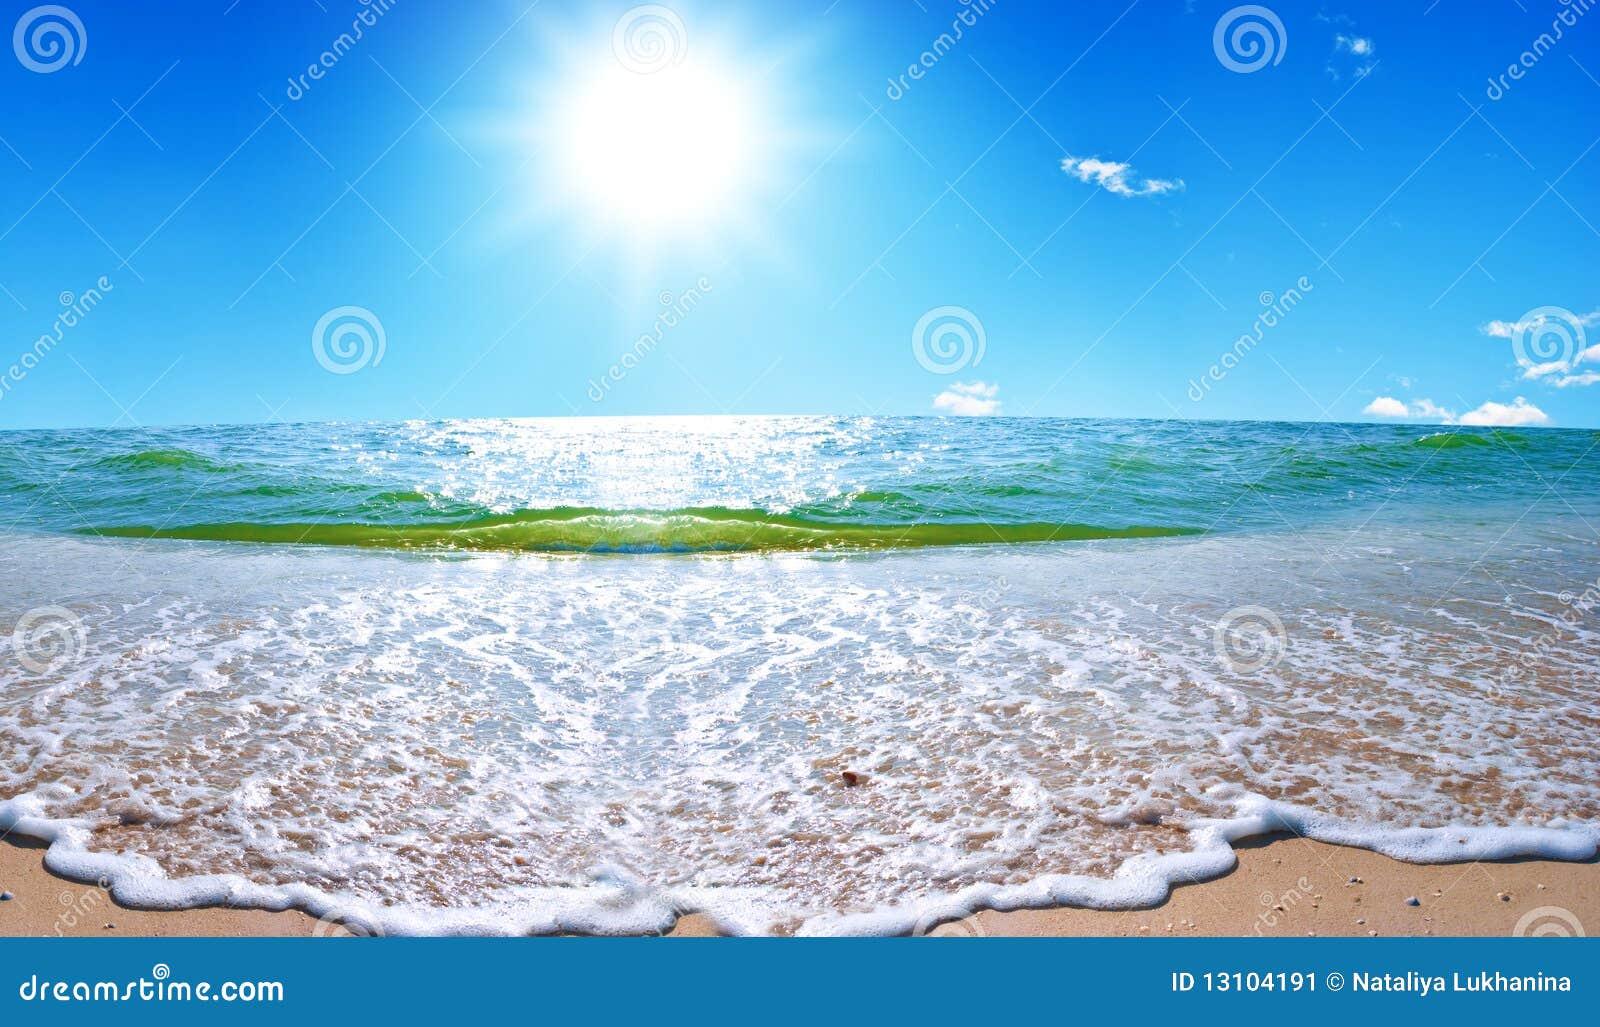 Paisaje del mar del verano con el cielo solar